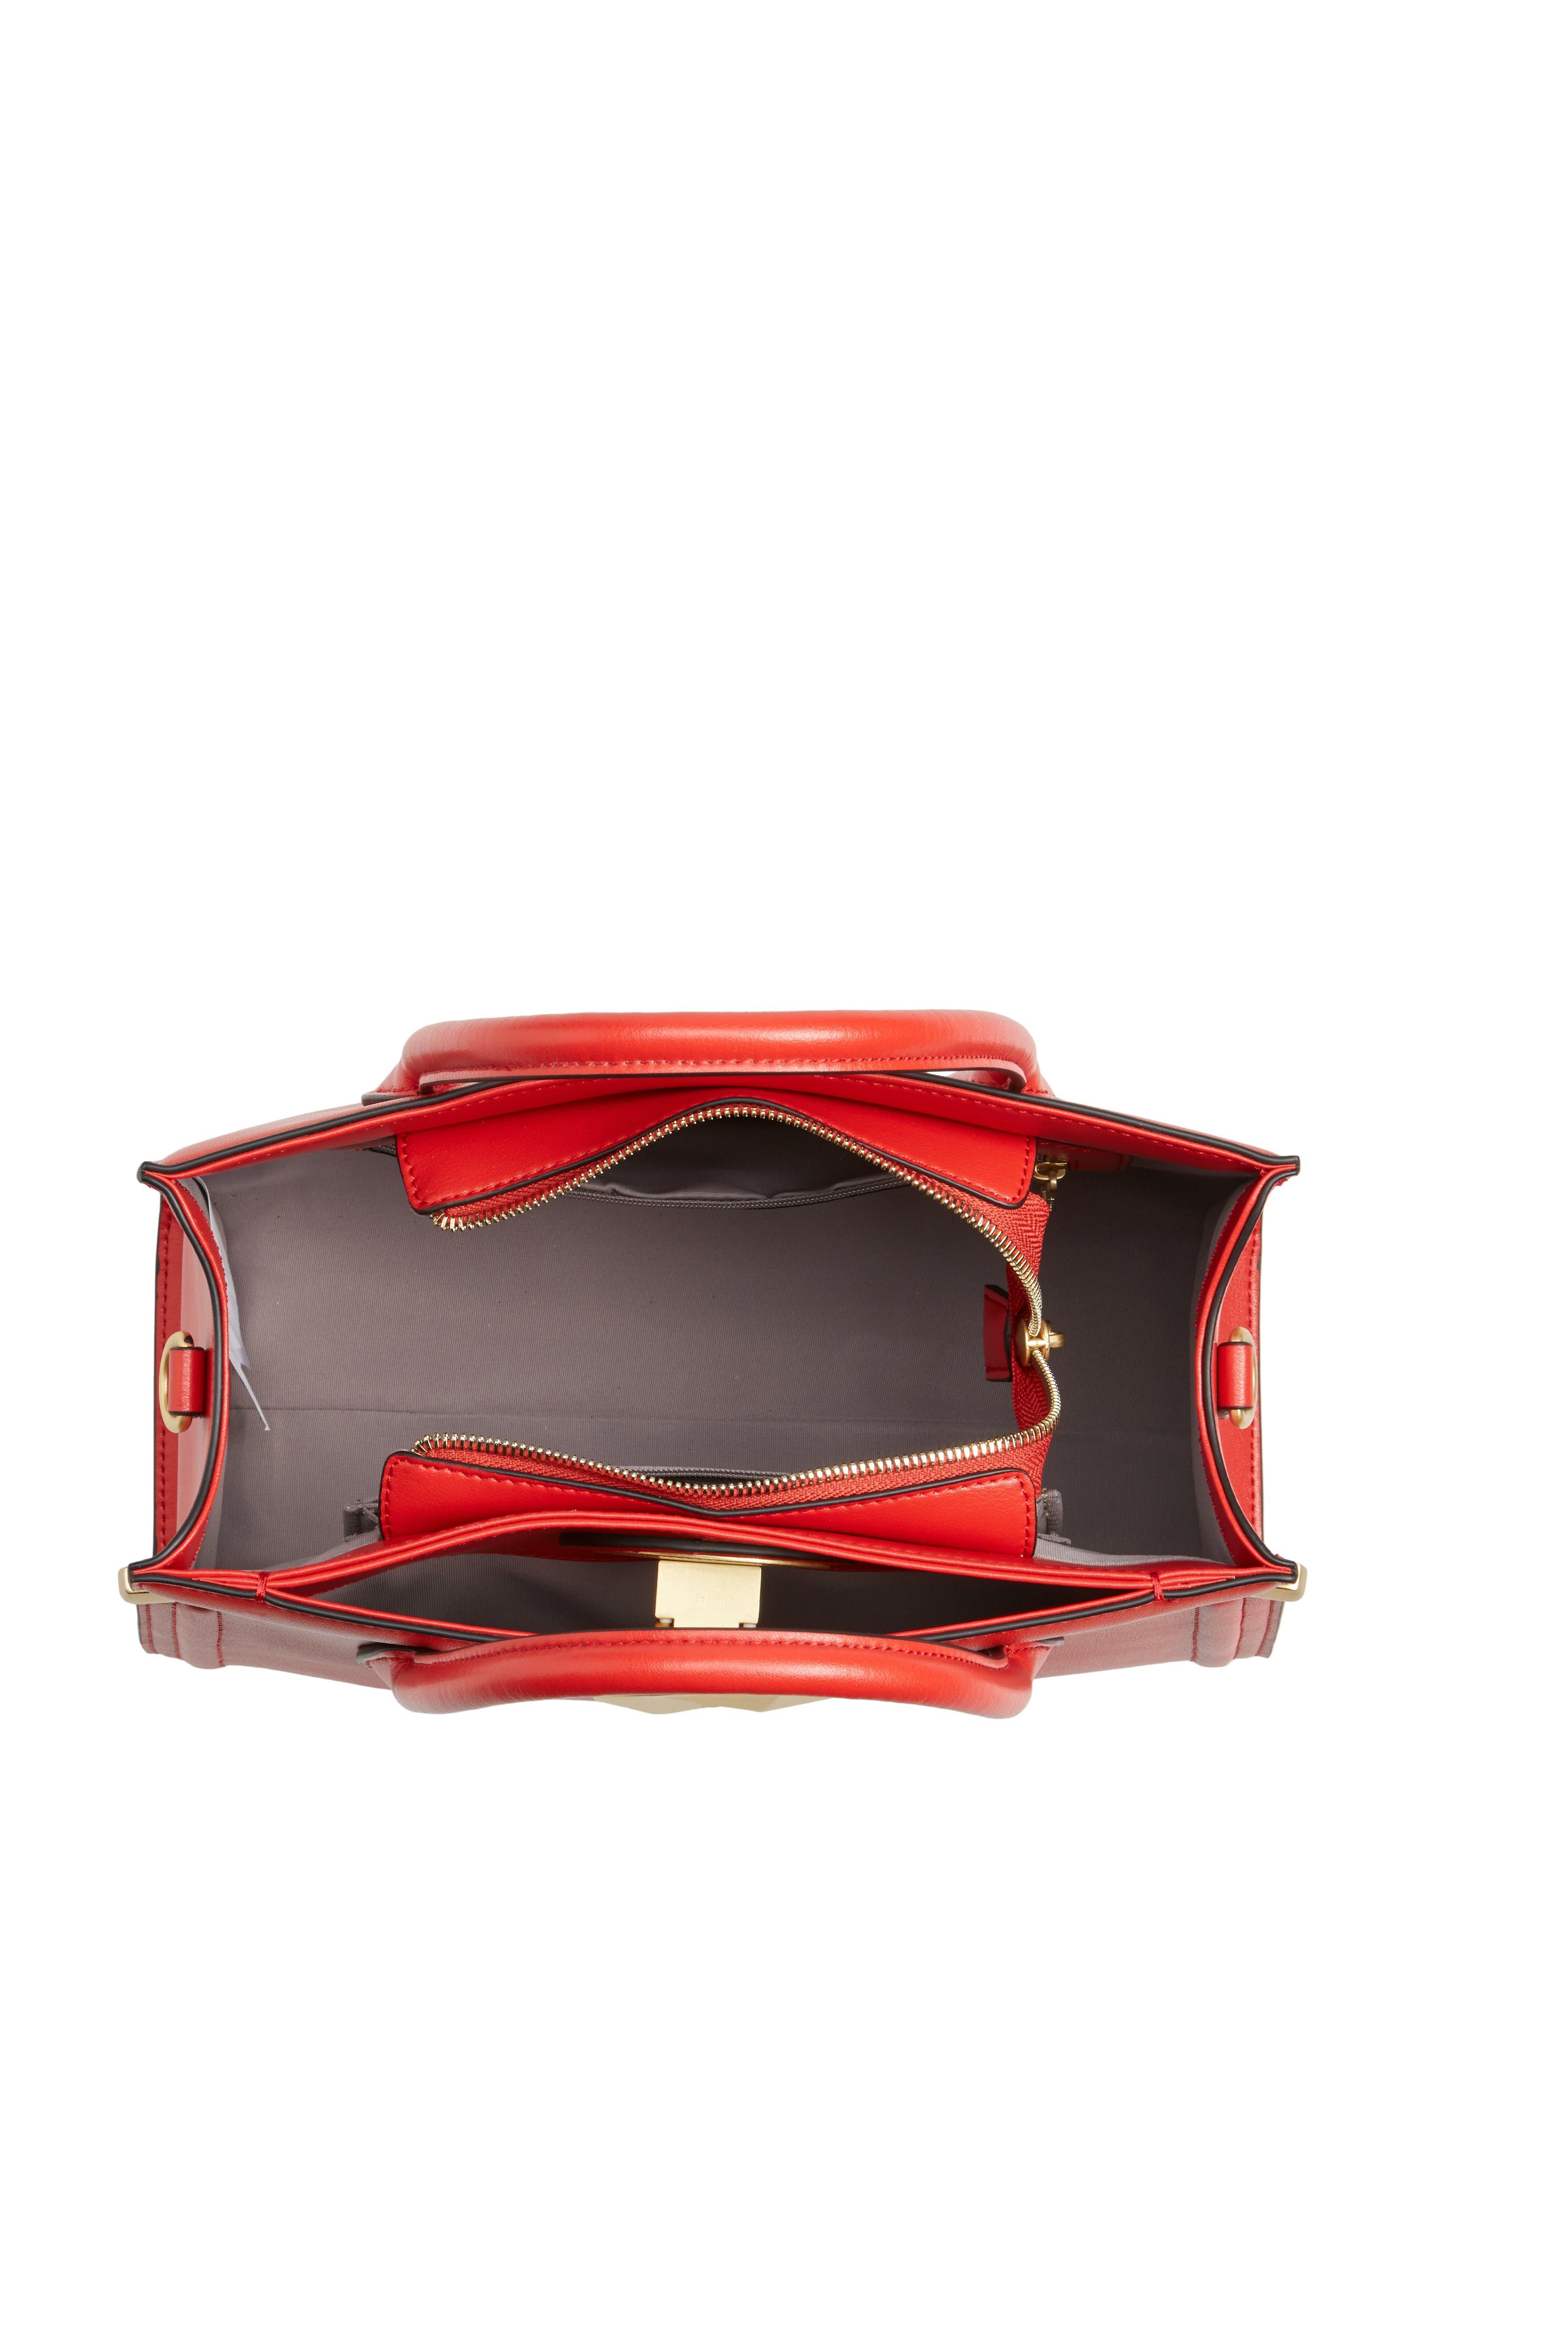 Céline Dion Octave Leather Satchel,                             Alternate thumbnail 4, color,                             600